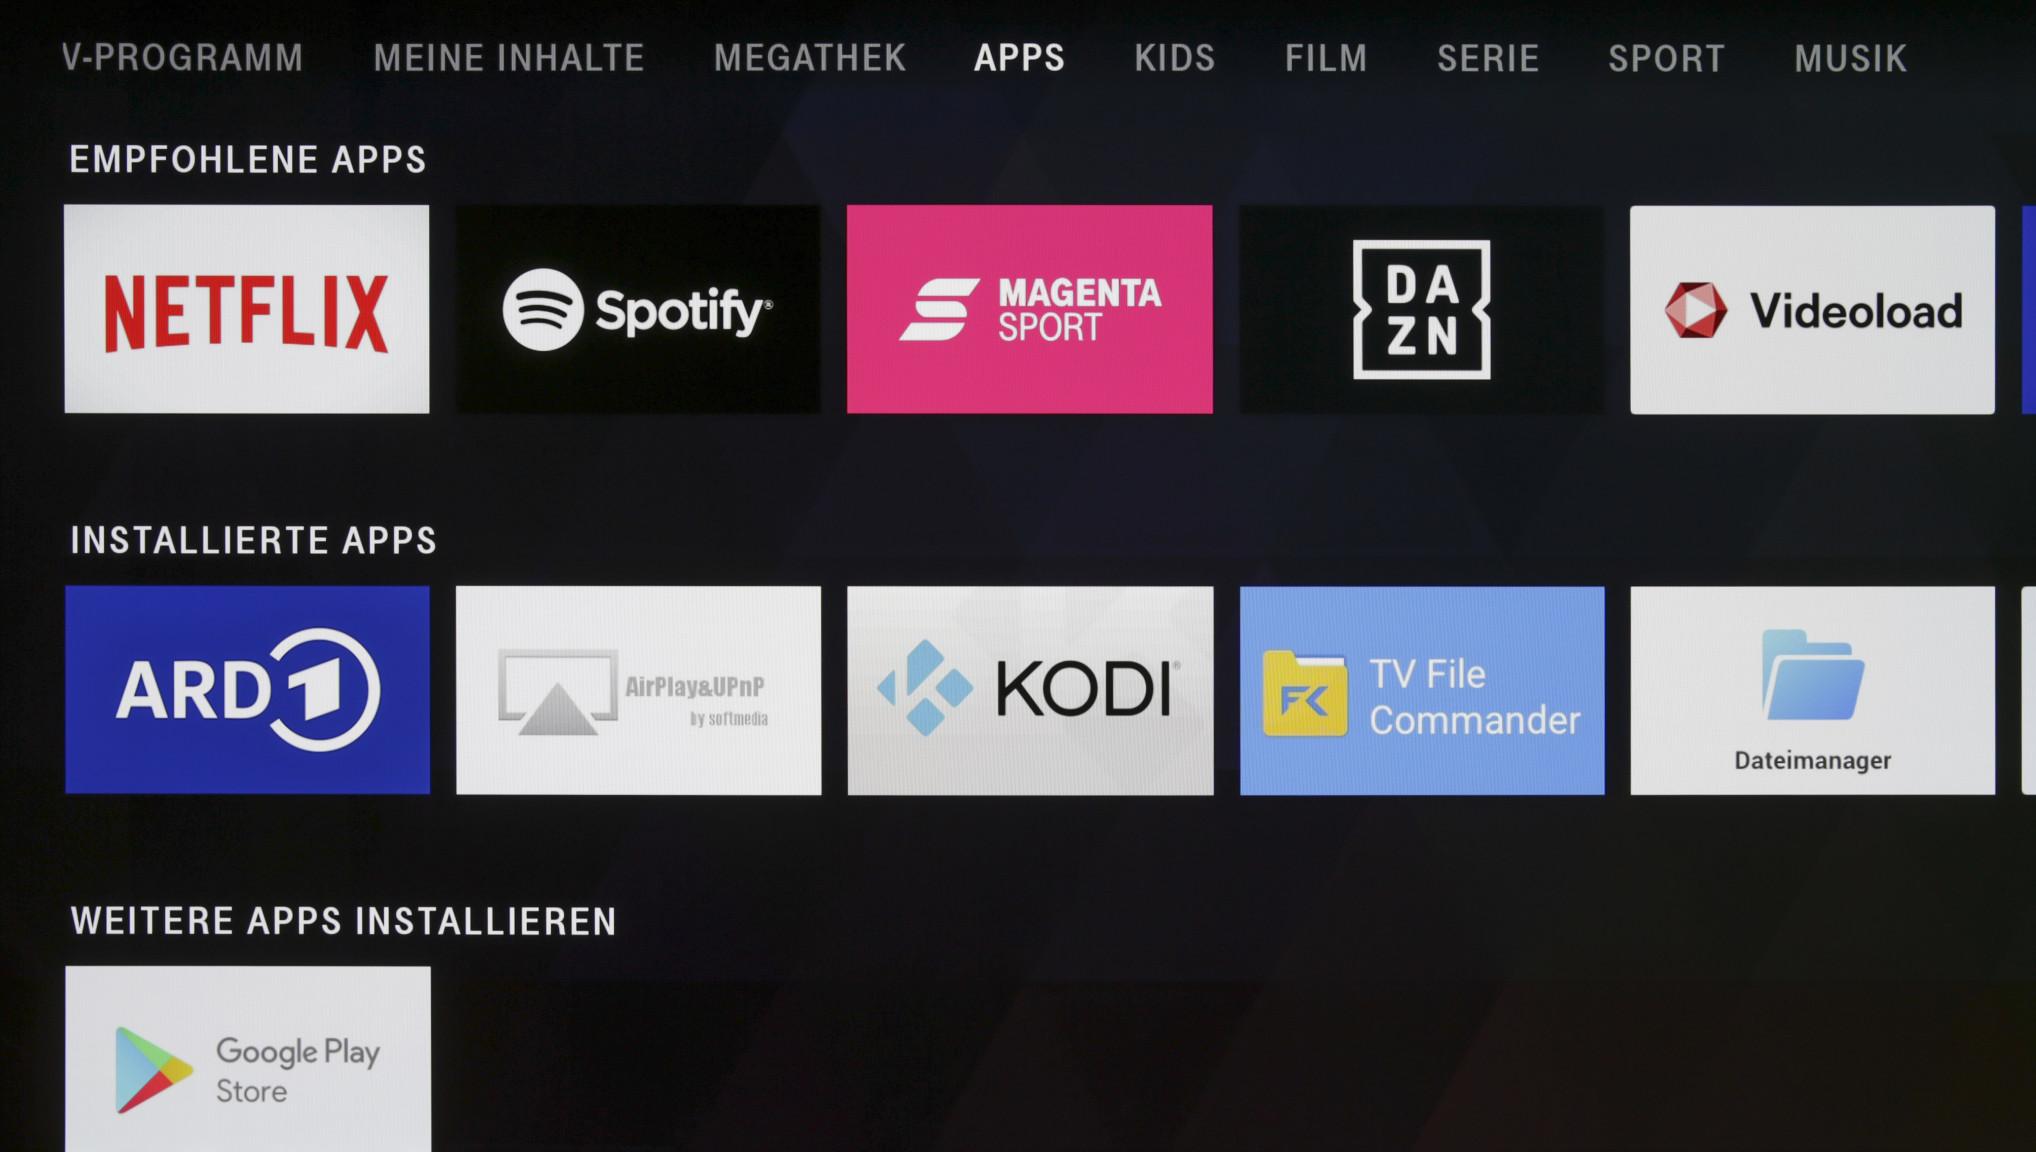 Magenta Tv App